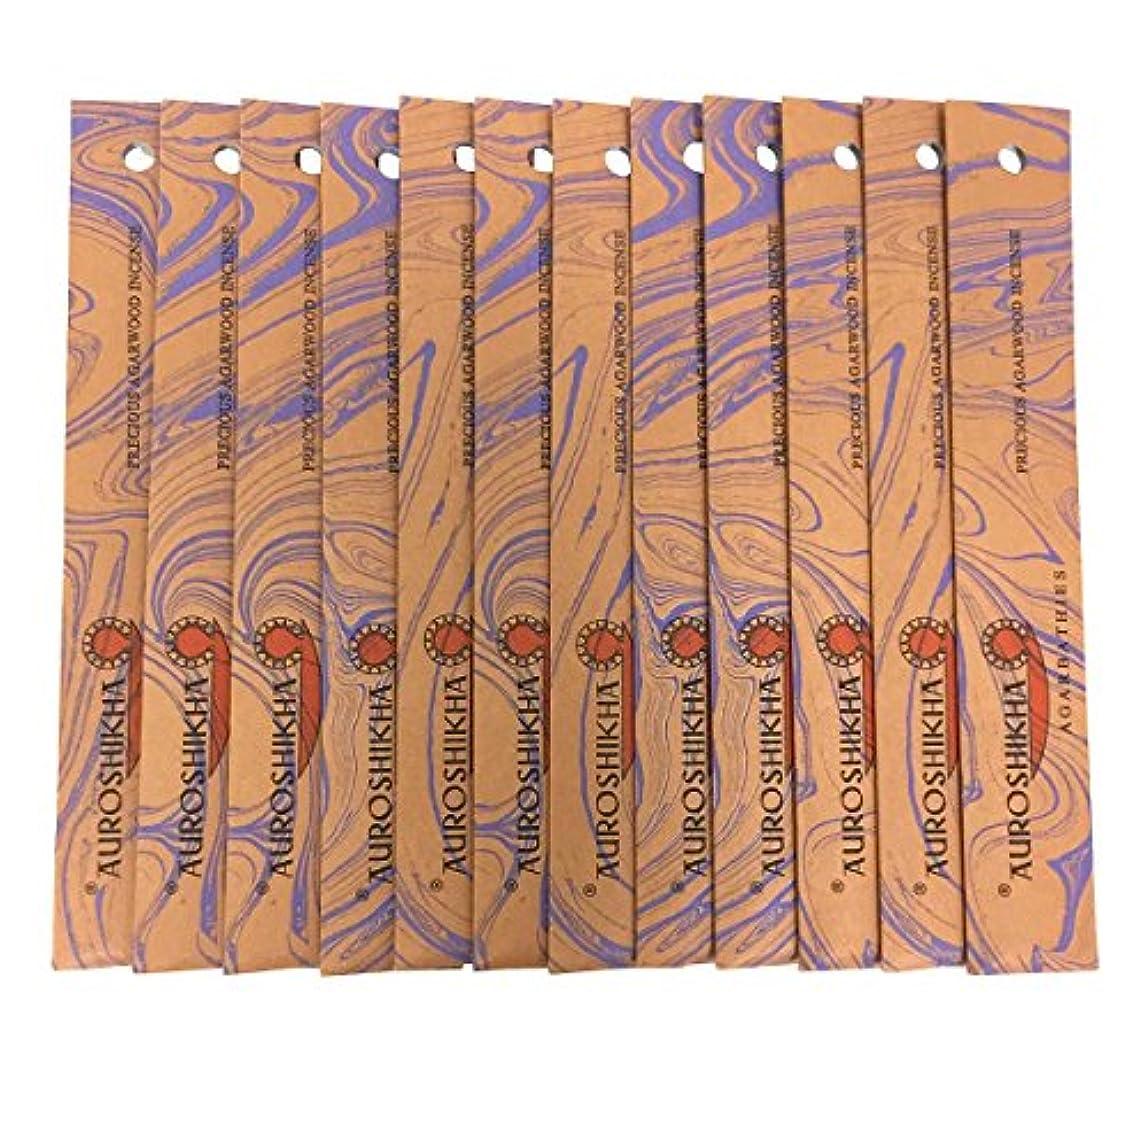 仲間、同僚白内障強調するAUROSHIKHA オウロシカ(PRECIOUSAGARWOODプレシャスアガーウッド12個セット) マーブルパッケージスティック 送料無料